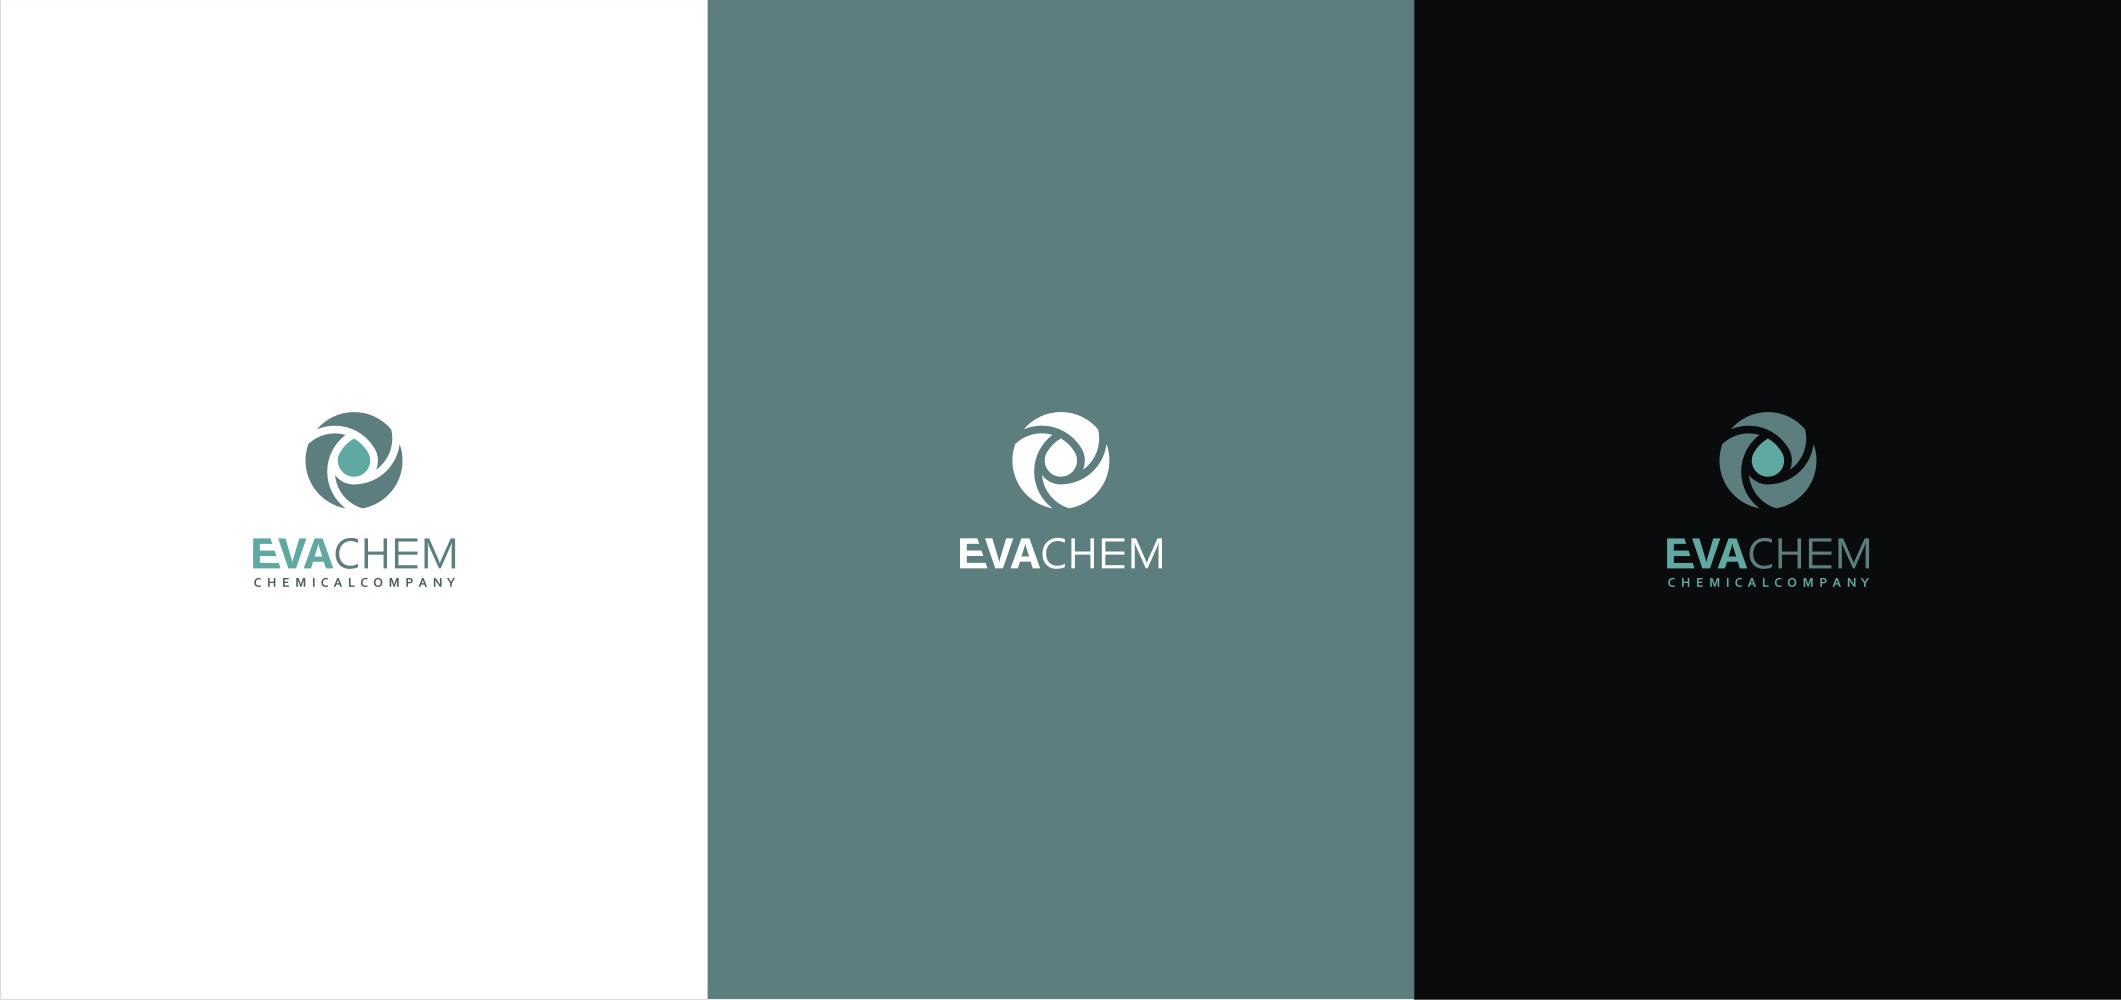 Разработка логотипа и фирменного стиля компании фото f_0495735dd8ce4d9d.png